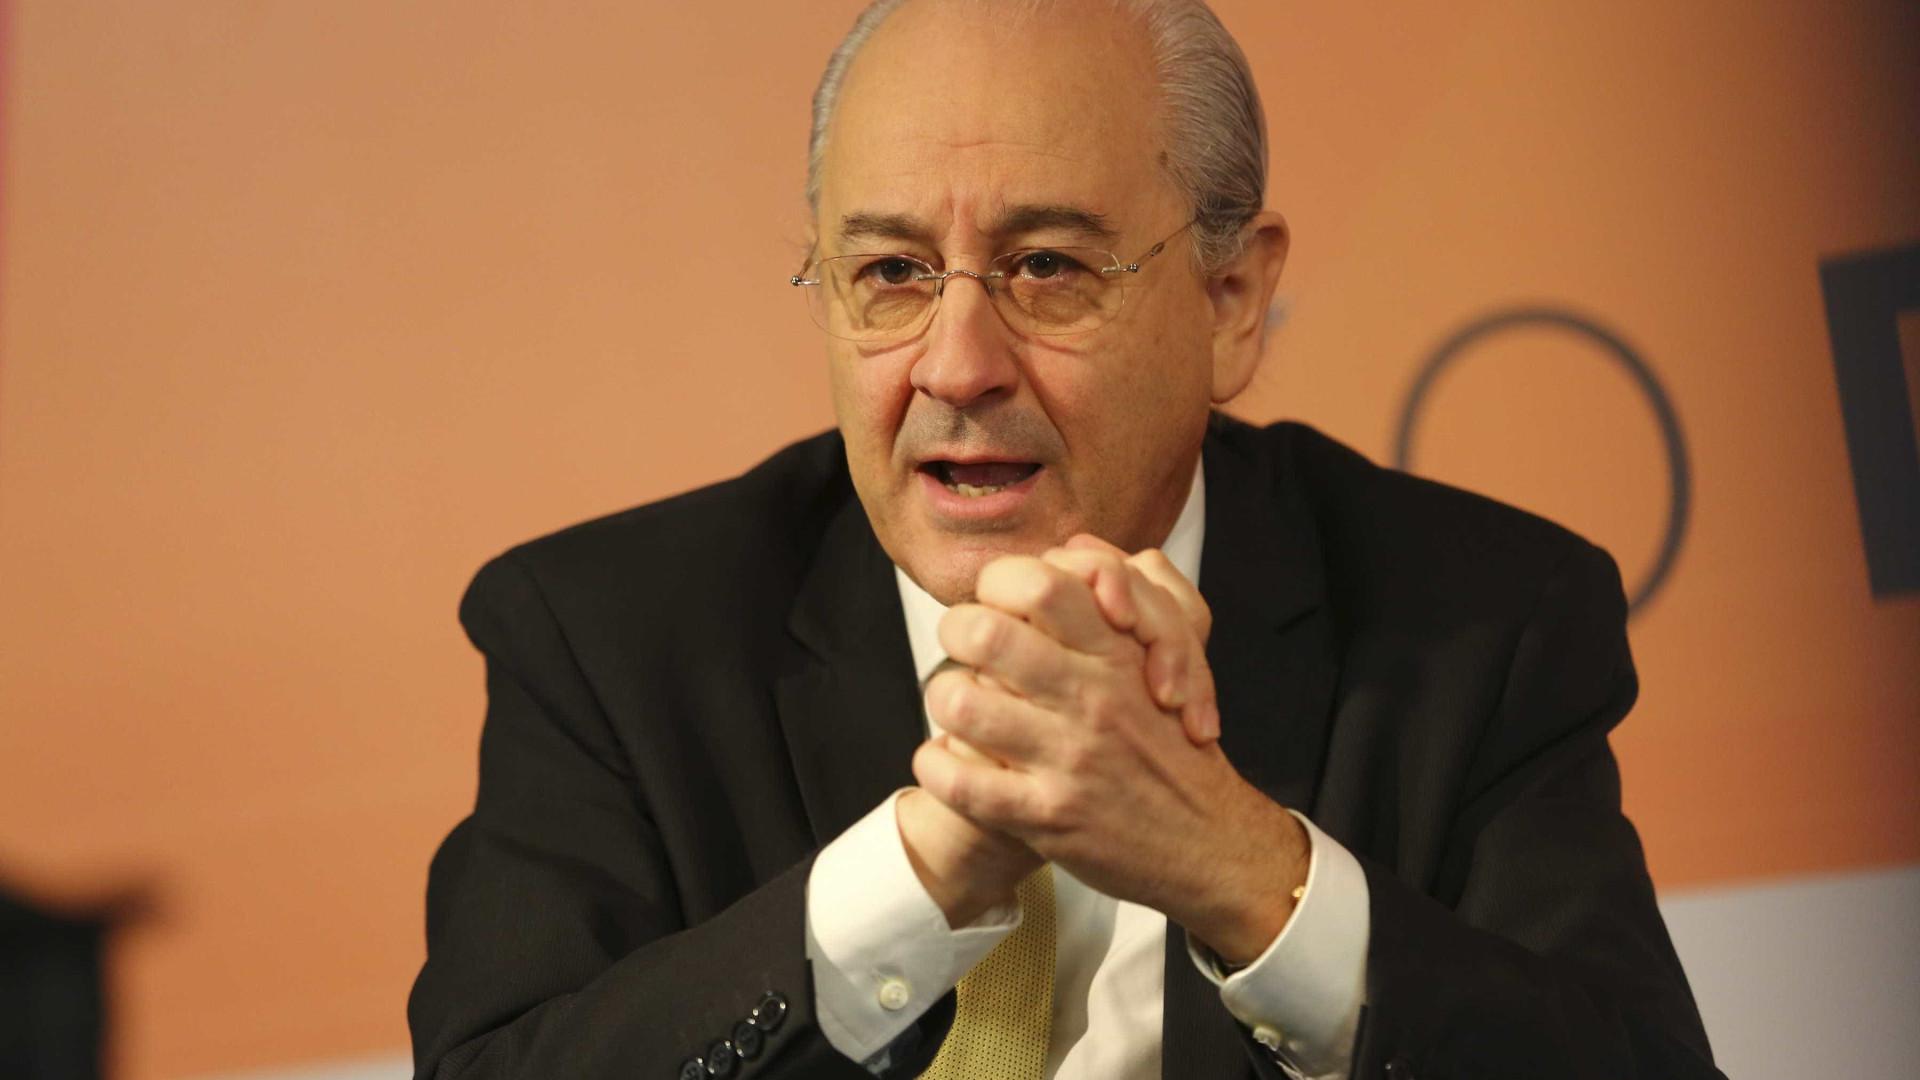 Justiça: À espera de críticas, Rio nega querer destruir o que foi feito